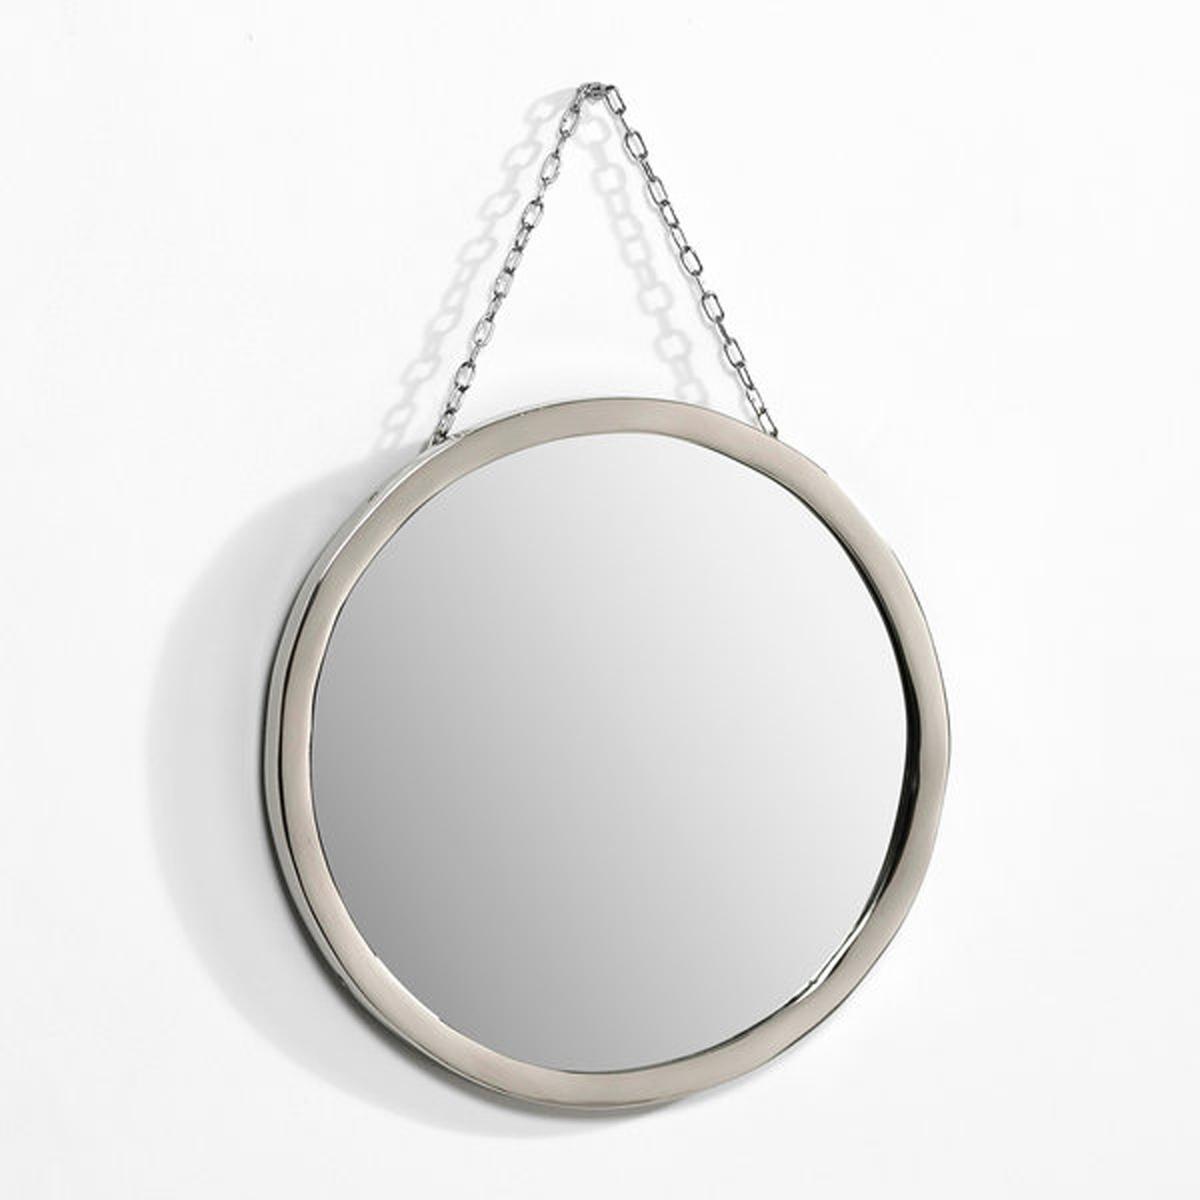 Зеркало Barbier, круглое ?30 см<br><br>Цвет: безцветный